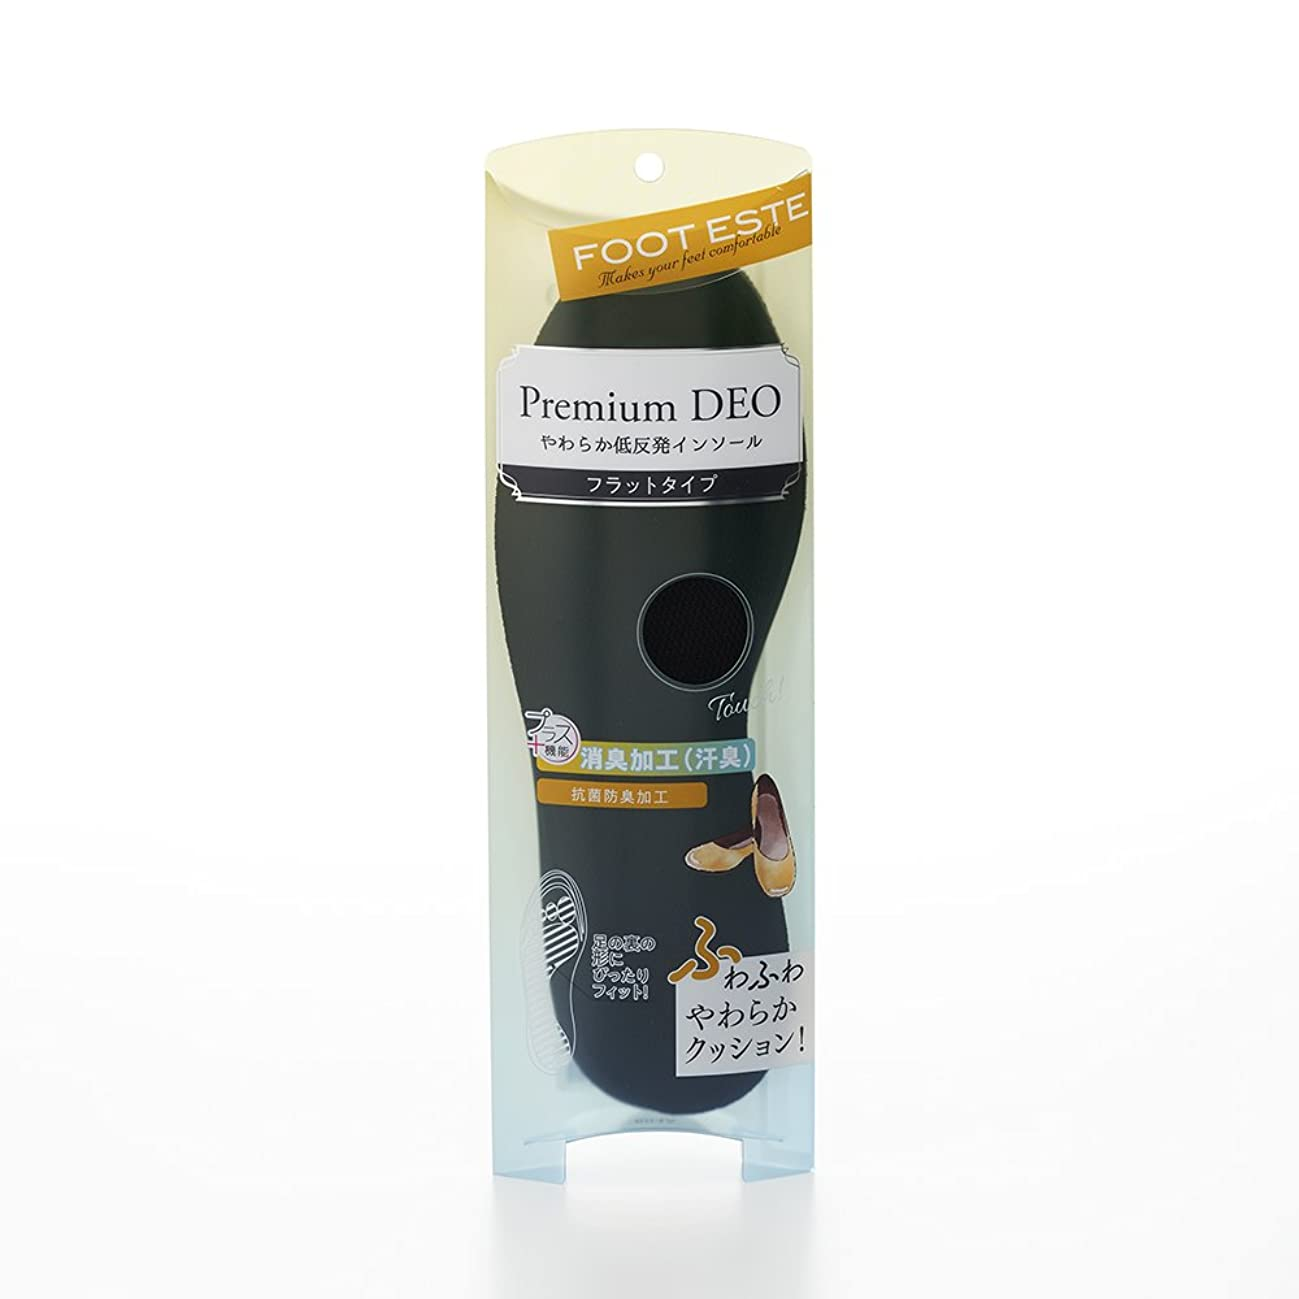 バリアコロニアル農夫フットエステ Premium DEO プレミアムデオ やわらか低反発インソール フラットタイプ 【消臭 抗菌防臭】